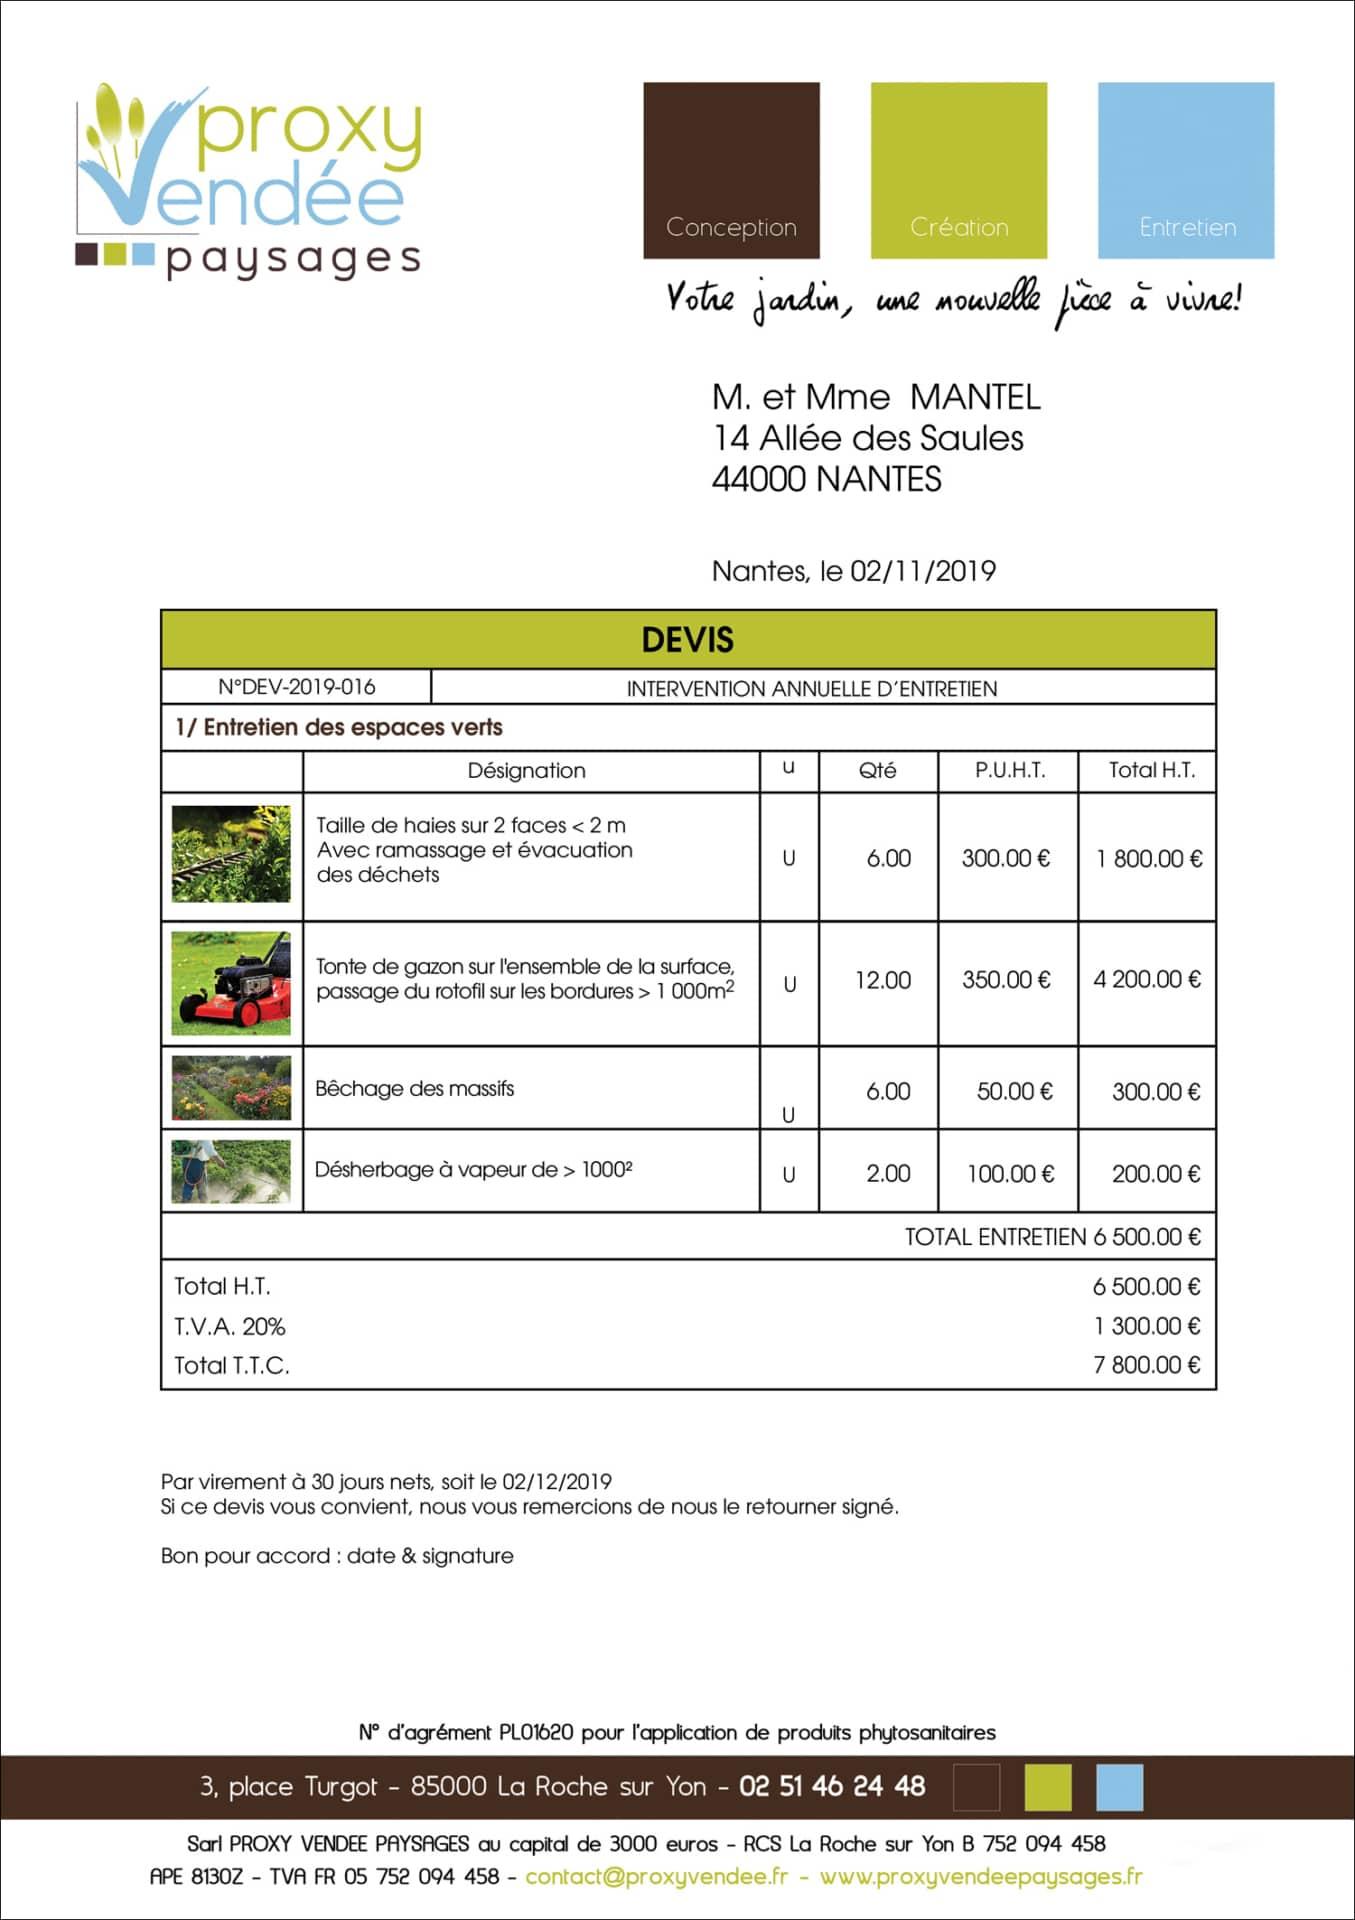 Logiciel De Gestion D'entreprise Pour Paysagistes Jardicontacts pour Tarif Entretien Jardin